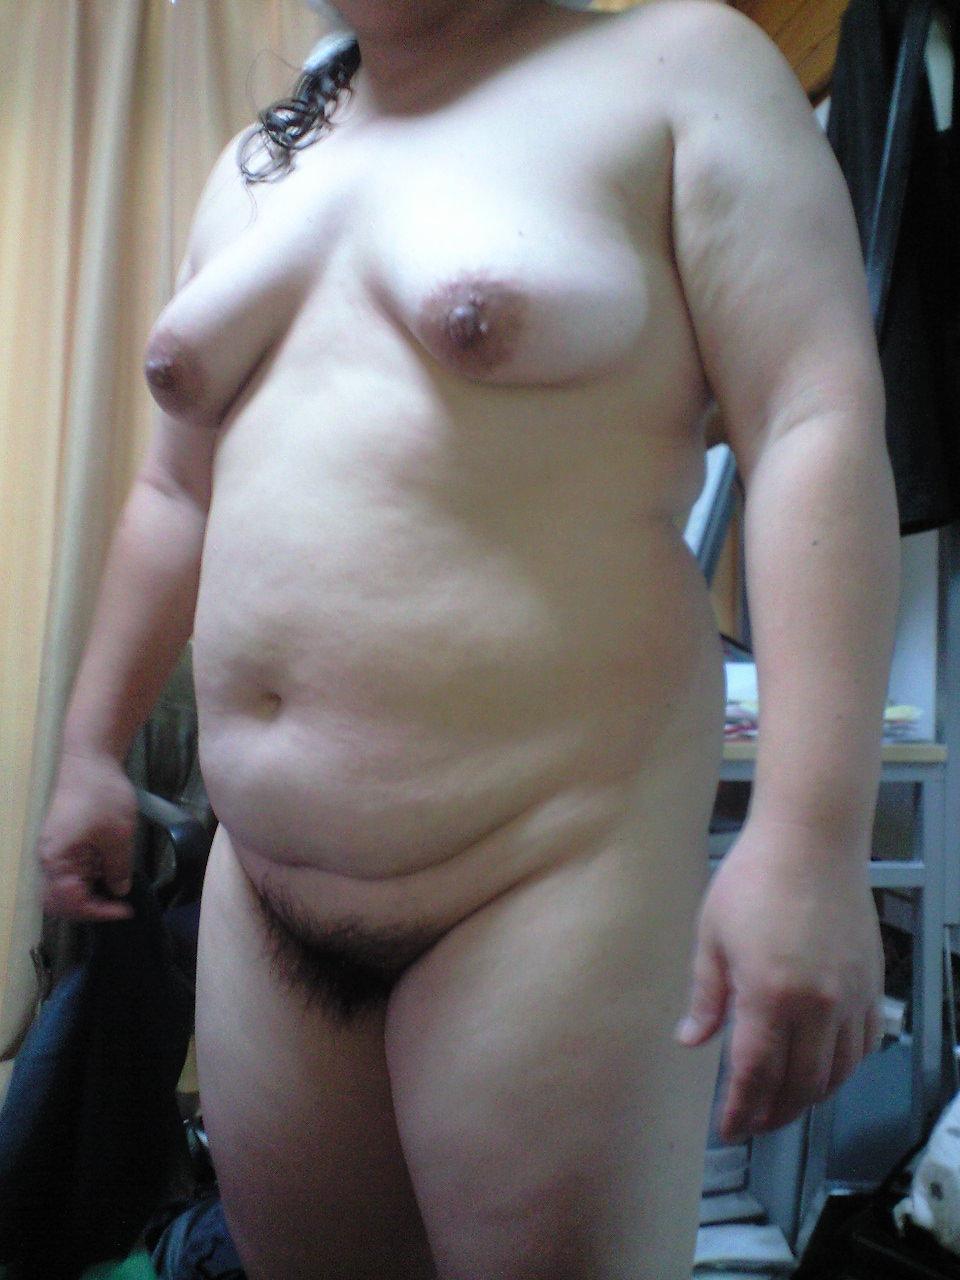 体たらくっぷりが逆に可愛いデブ専おデブちゃんヌードの素人エロ画像 1435